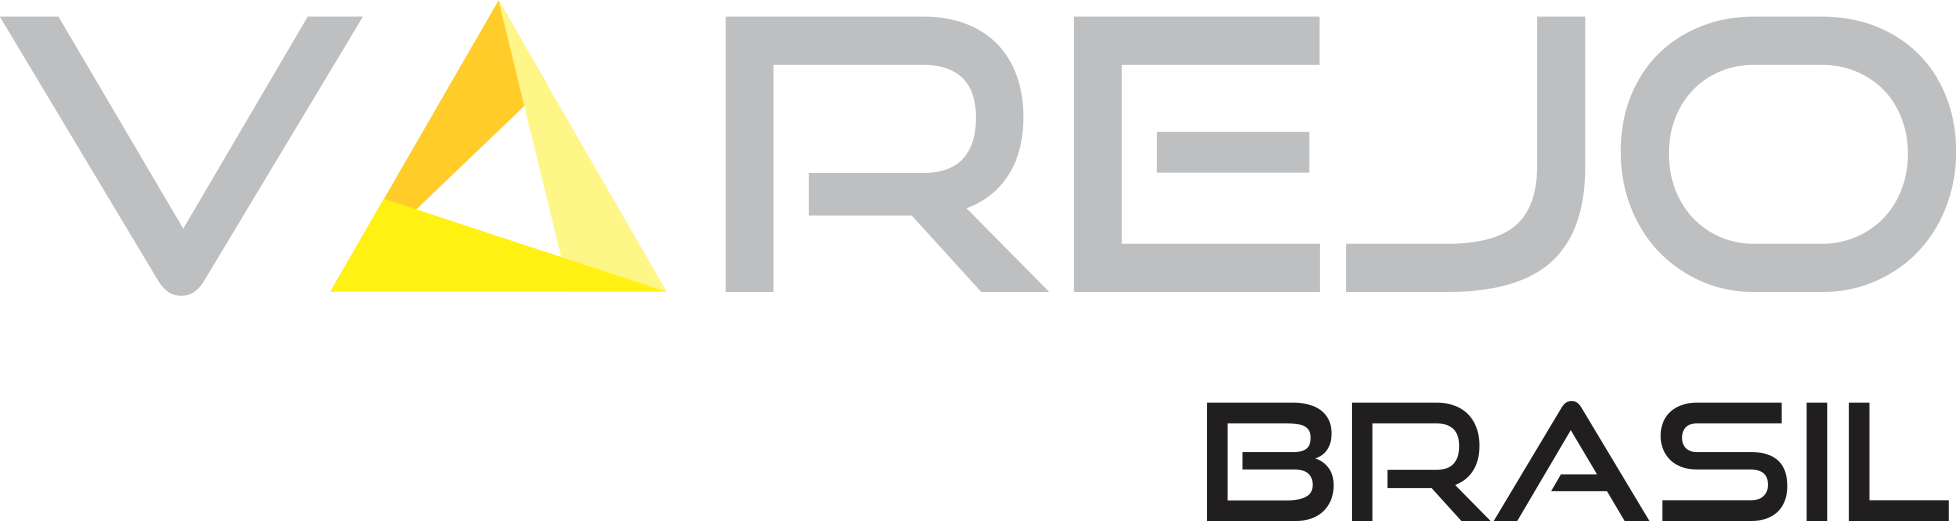 Logo da empresa Varejo Brasil.